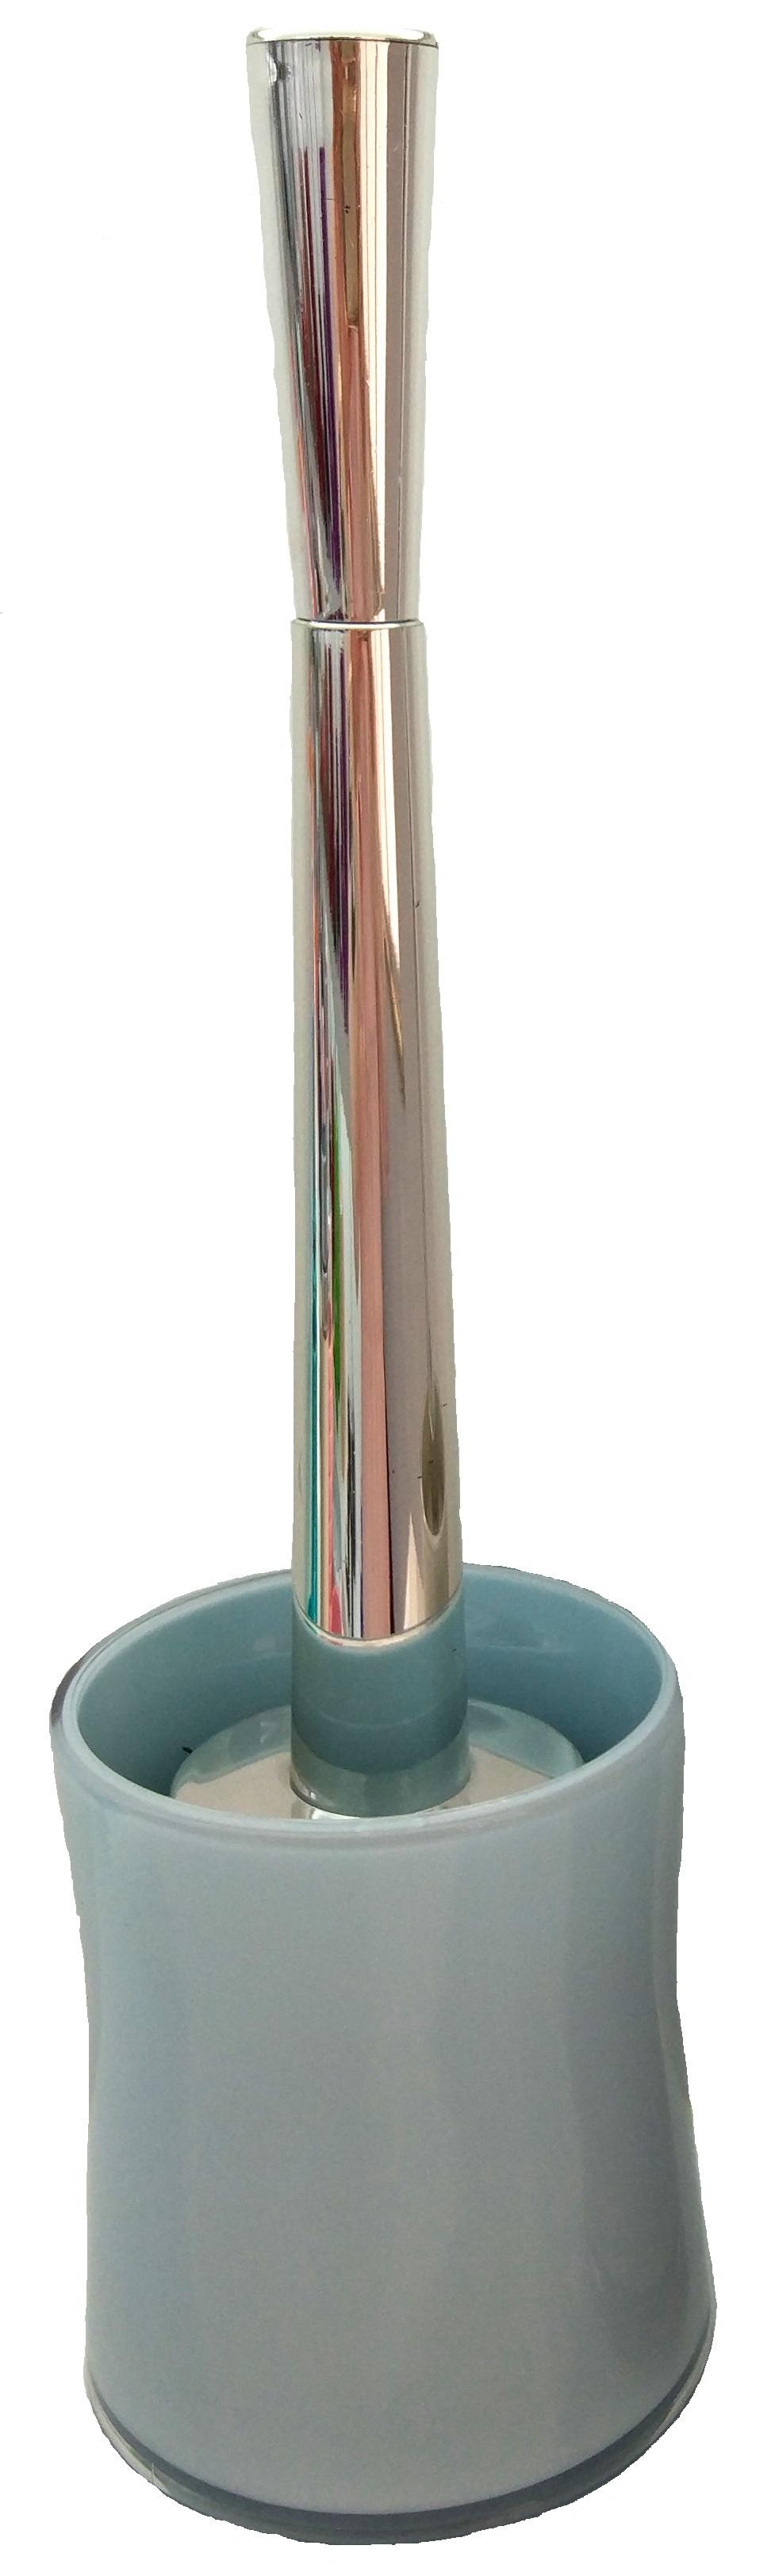 Ершик для унитаза Vanstore 316-06, голубой ершик для унитаза vanstore 339 06 оранжевый